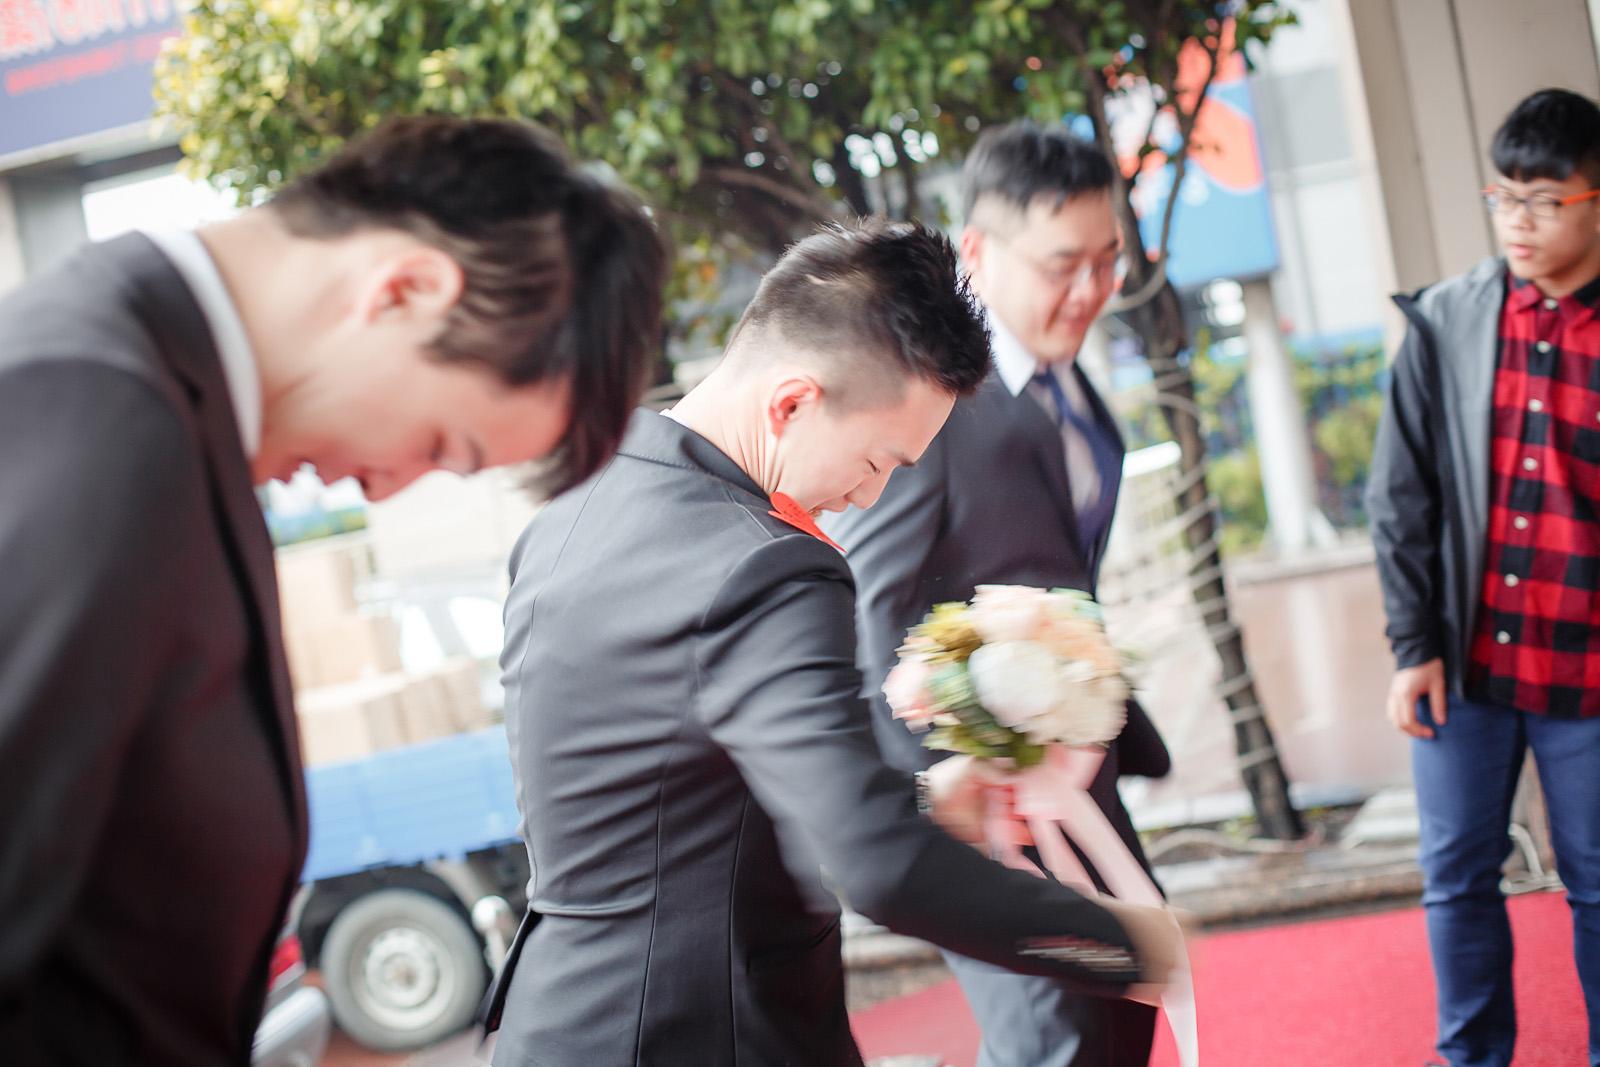 高雄圓山飯店,婚禮攝影,婚攝,高雄婚攝,優質婚攝推薦,Jen&Ethan-092